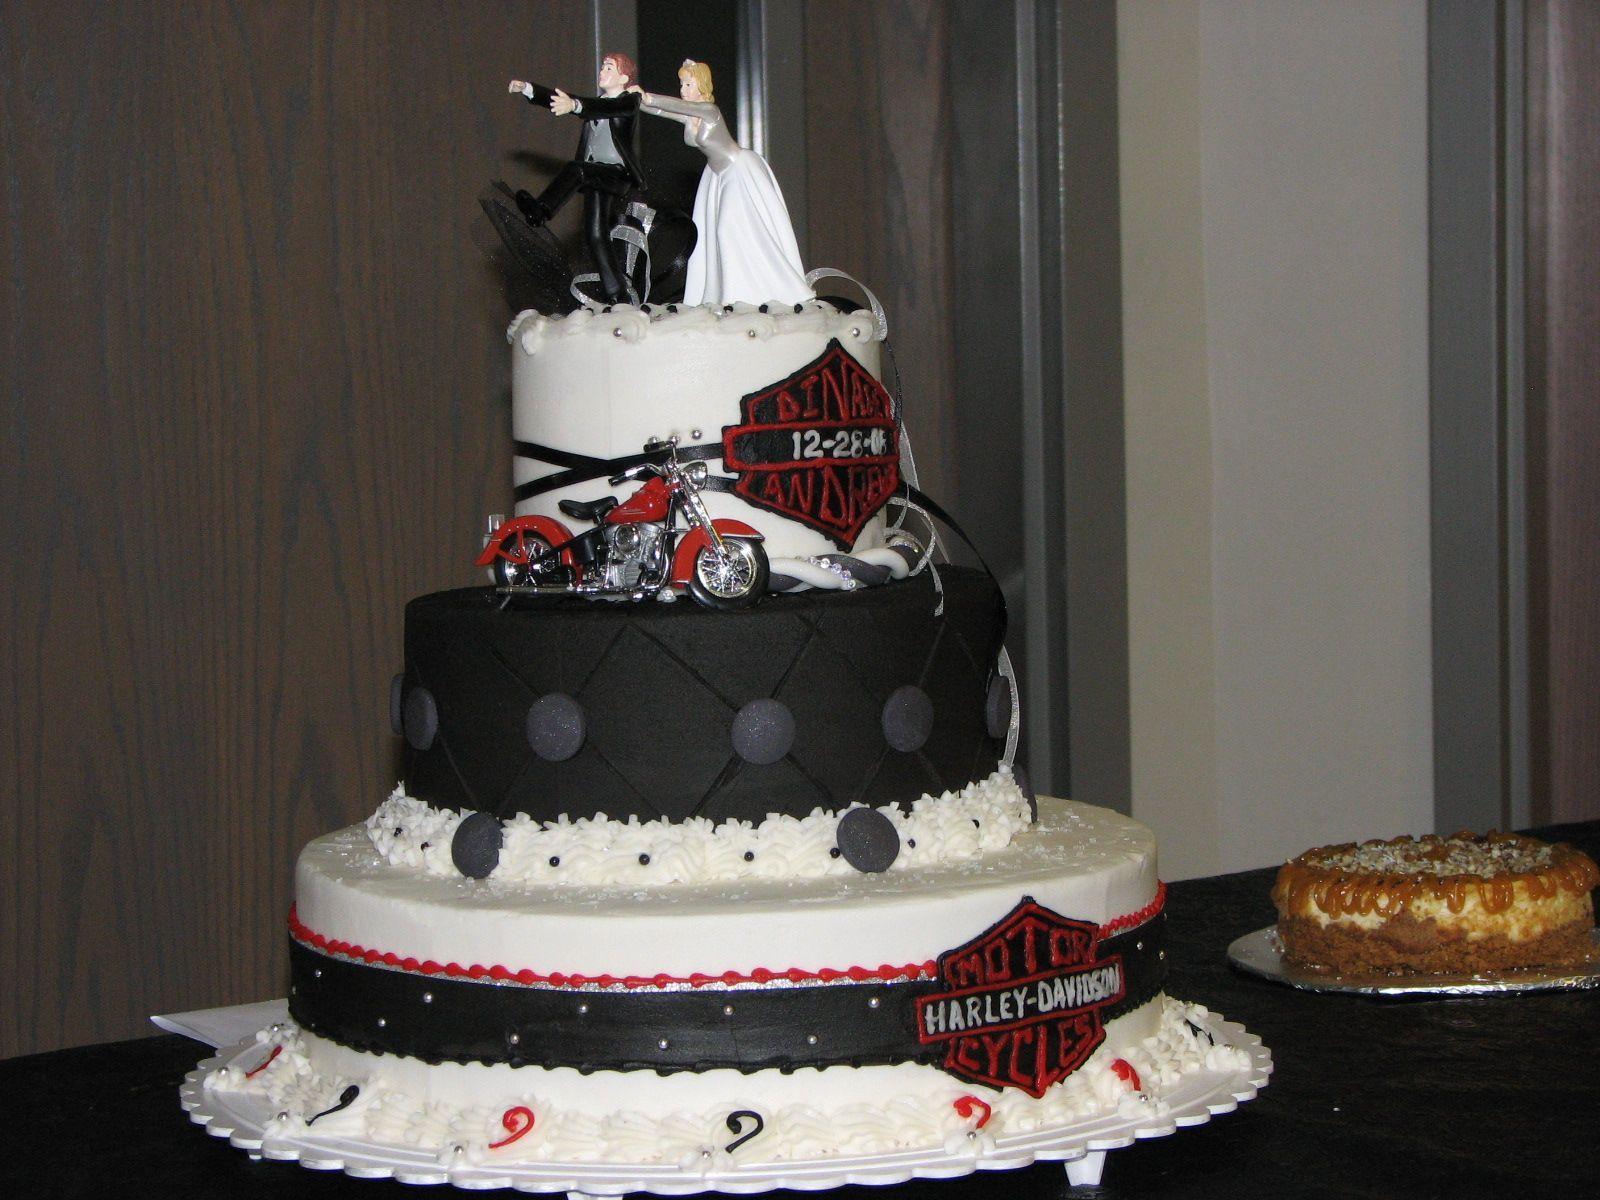 Harley davidson wedding cake toppers harley wedding de for Decoration maison harley davidson